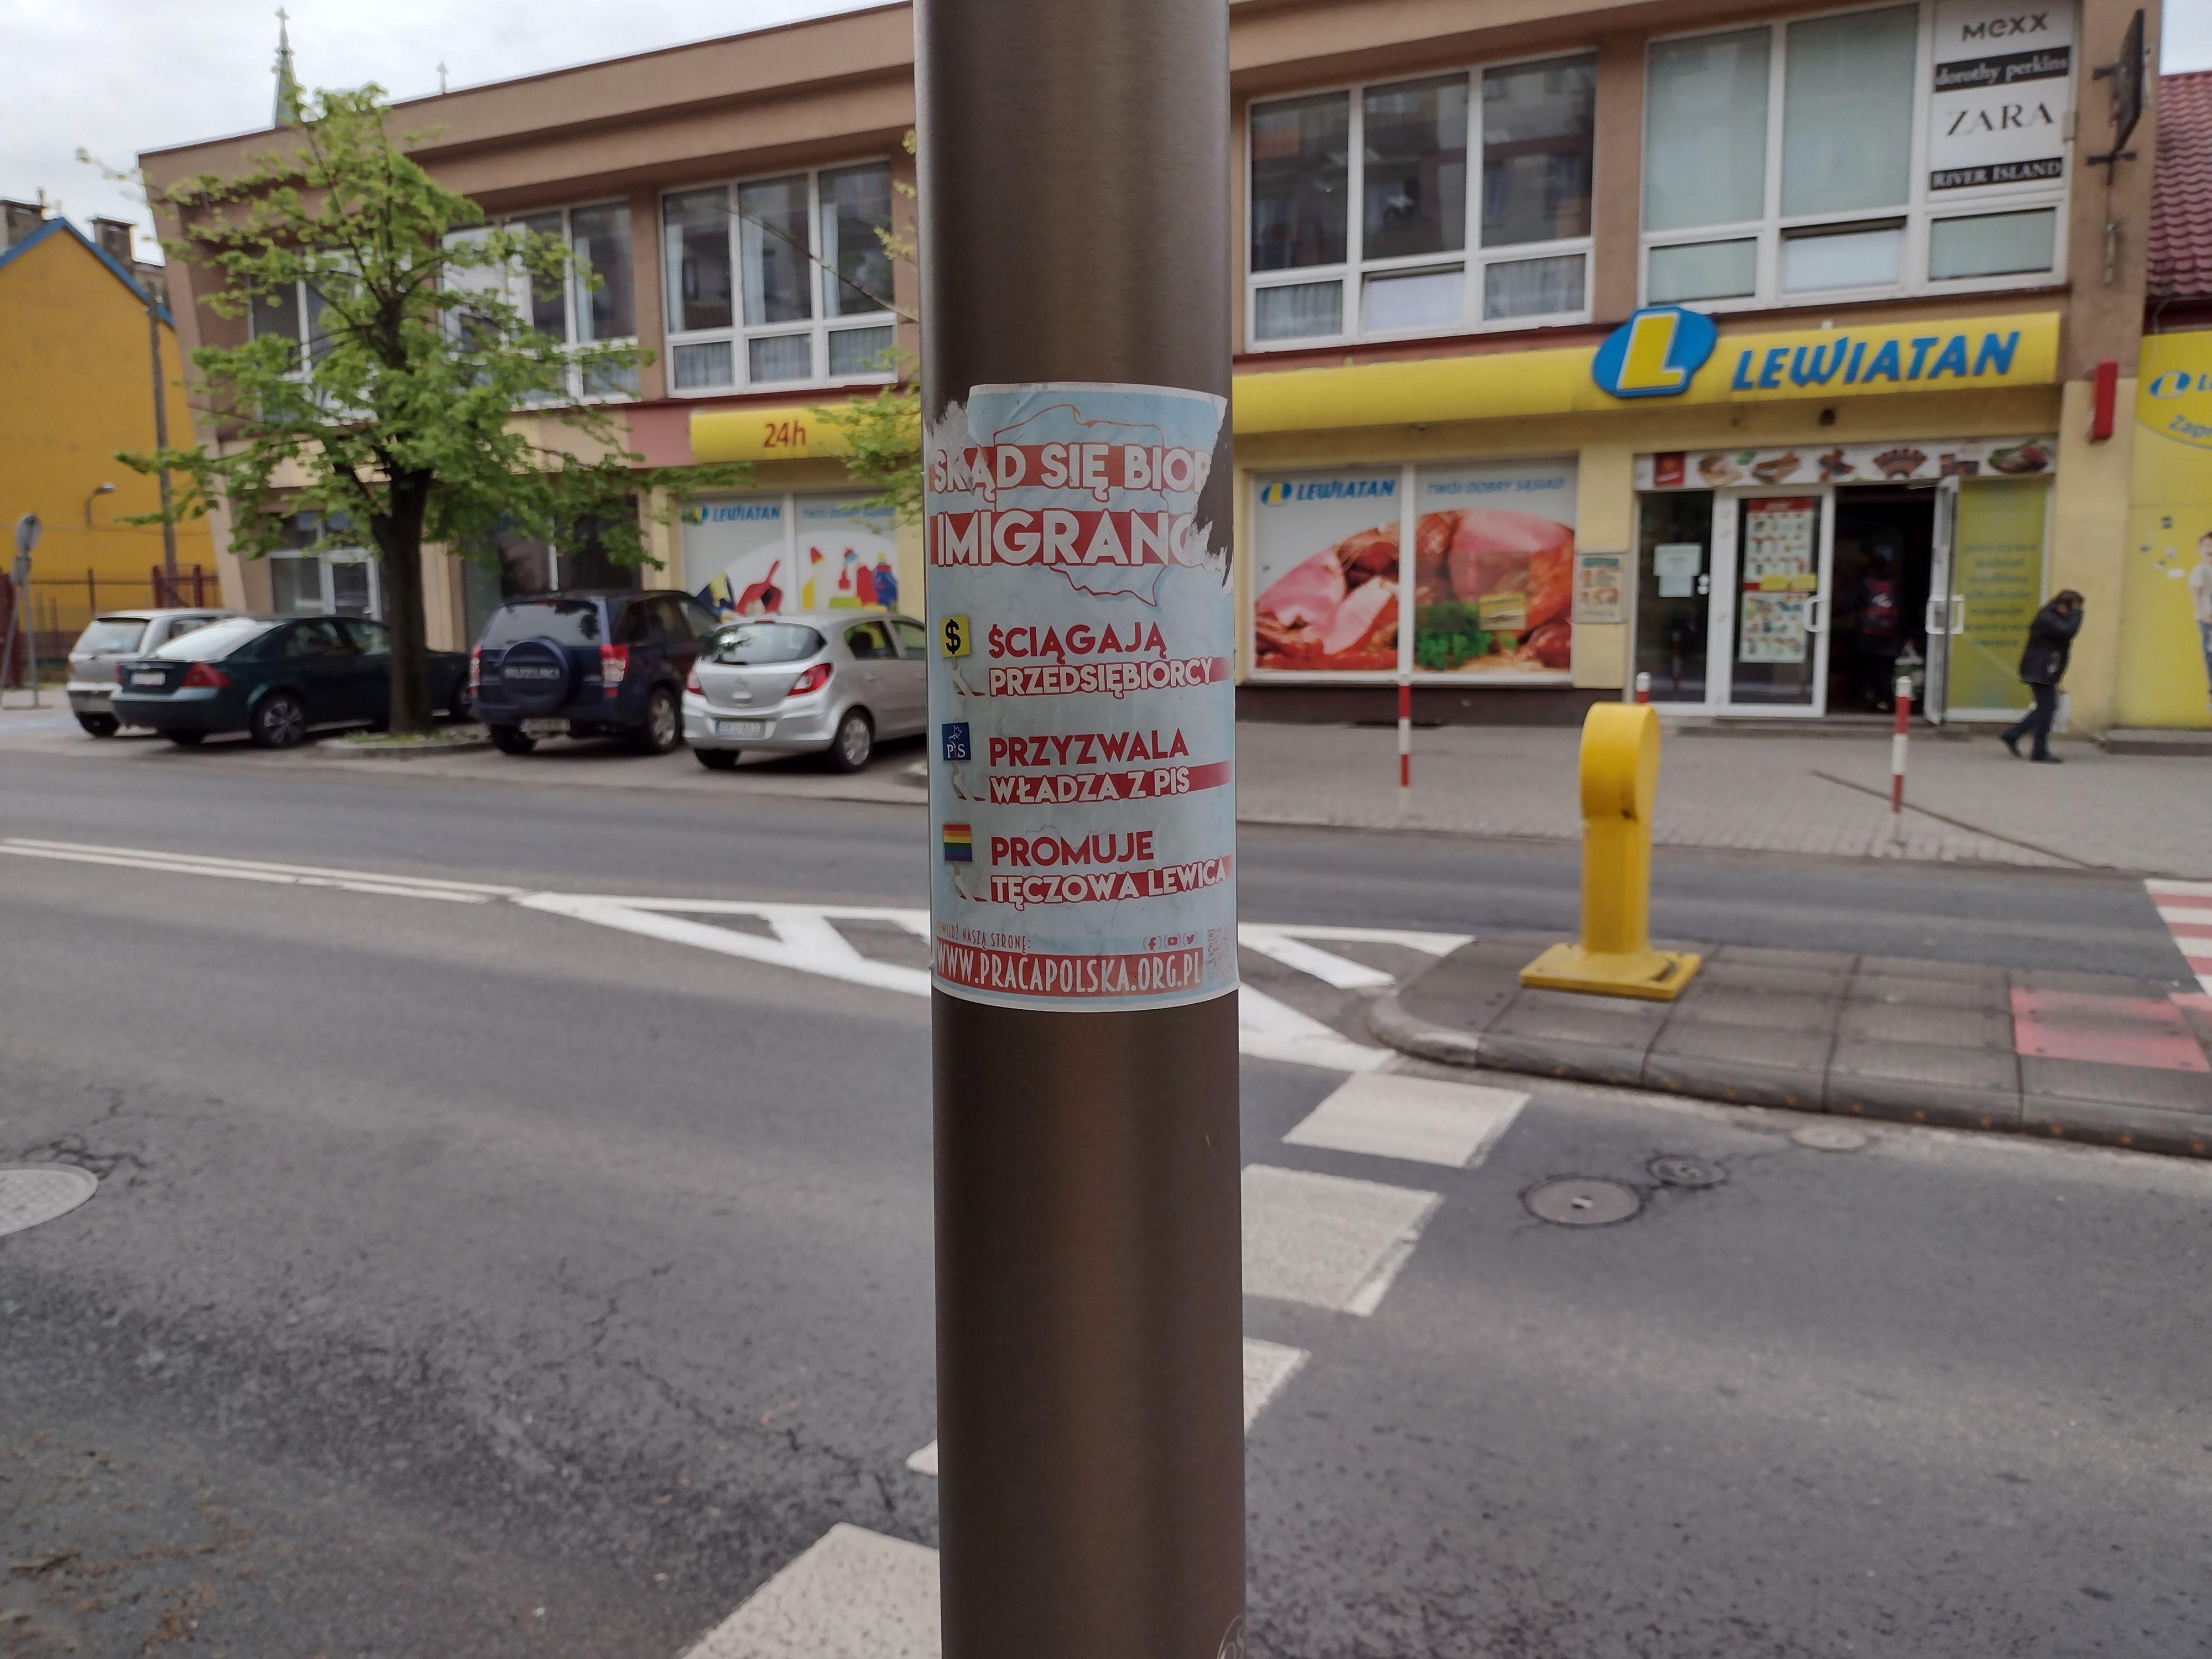 W centrum Kutna pojawiły się antyimigracyjne plakaty. O co chodzi? - Zdjęcie główne